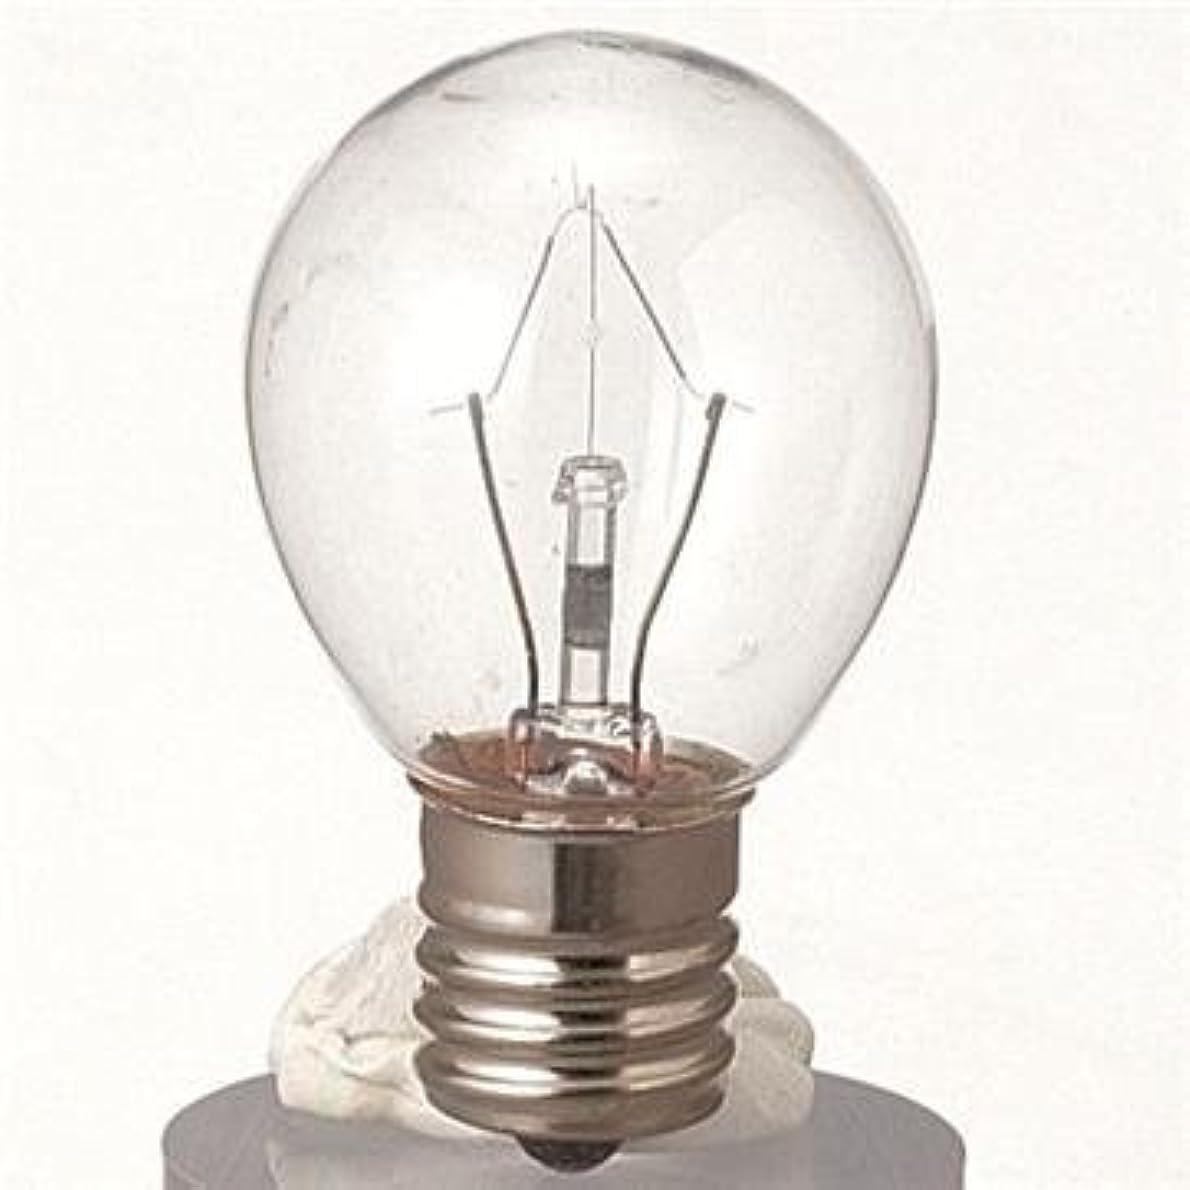 勝利した大量解き明かす生活の木 アロマランプL用 電球[25W]